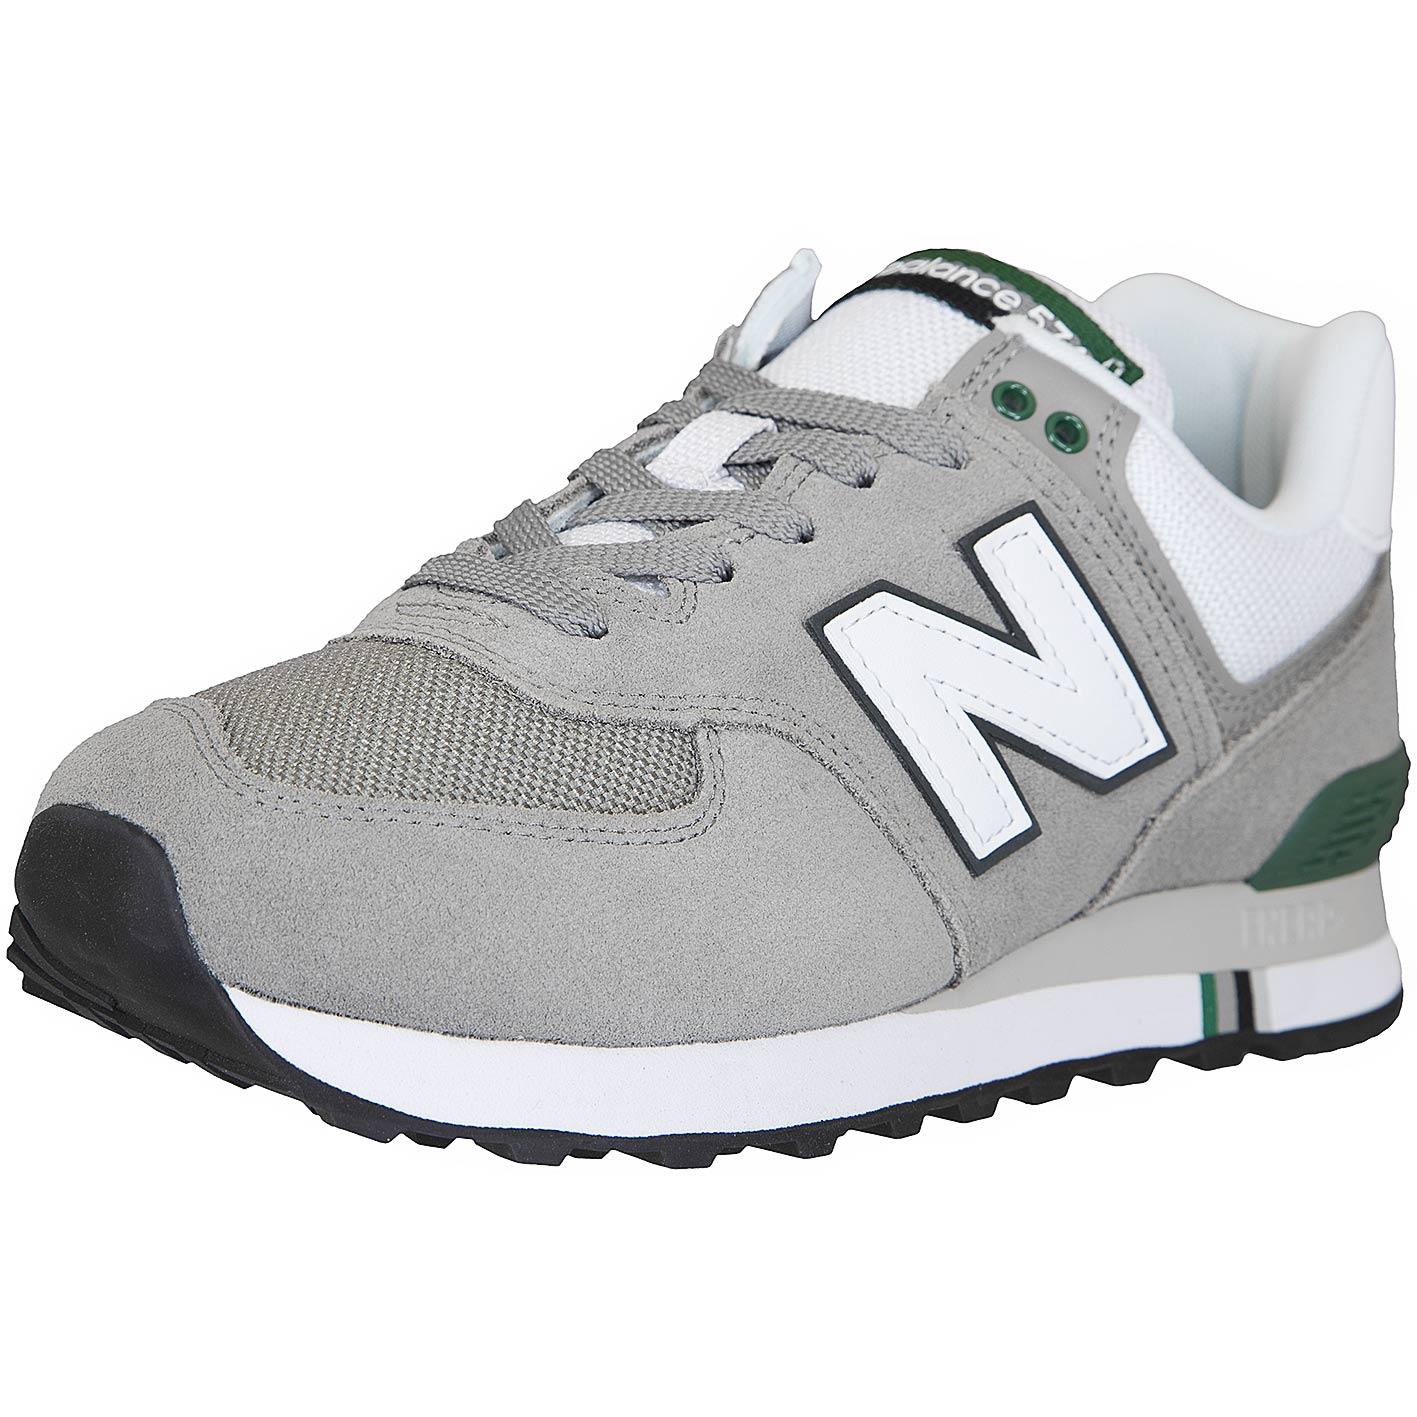 Verkauf Einzelhändler lässige Schuhe attraktiver Preis New Balance Sneaker 574 Leder/Textil grau/grün